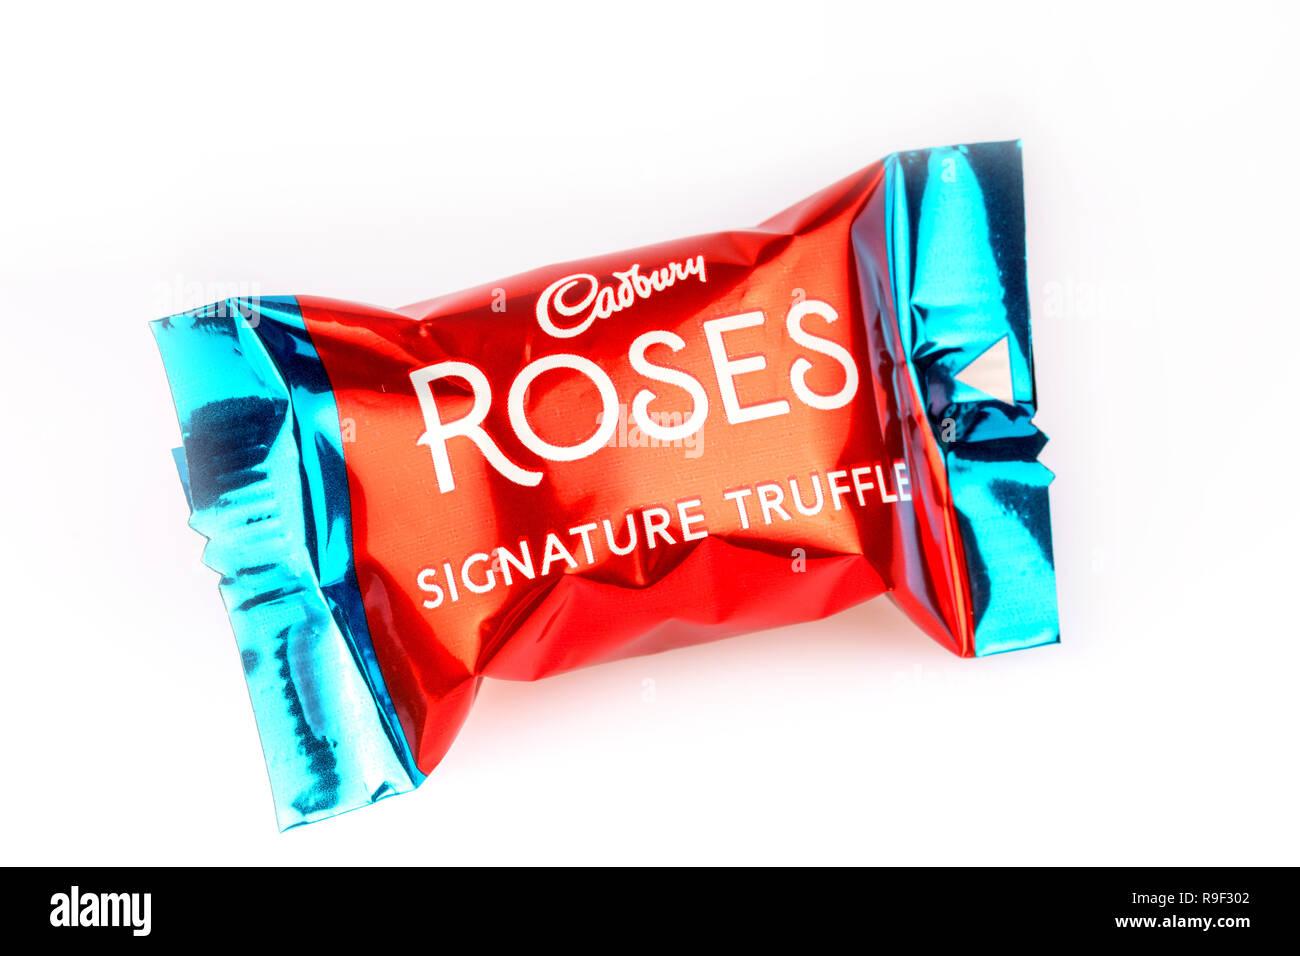 Unterschrift des Trüffel Schokolade Cadbury Roses auf weißem Hintergrund Stockbild